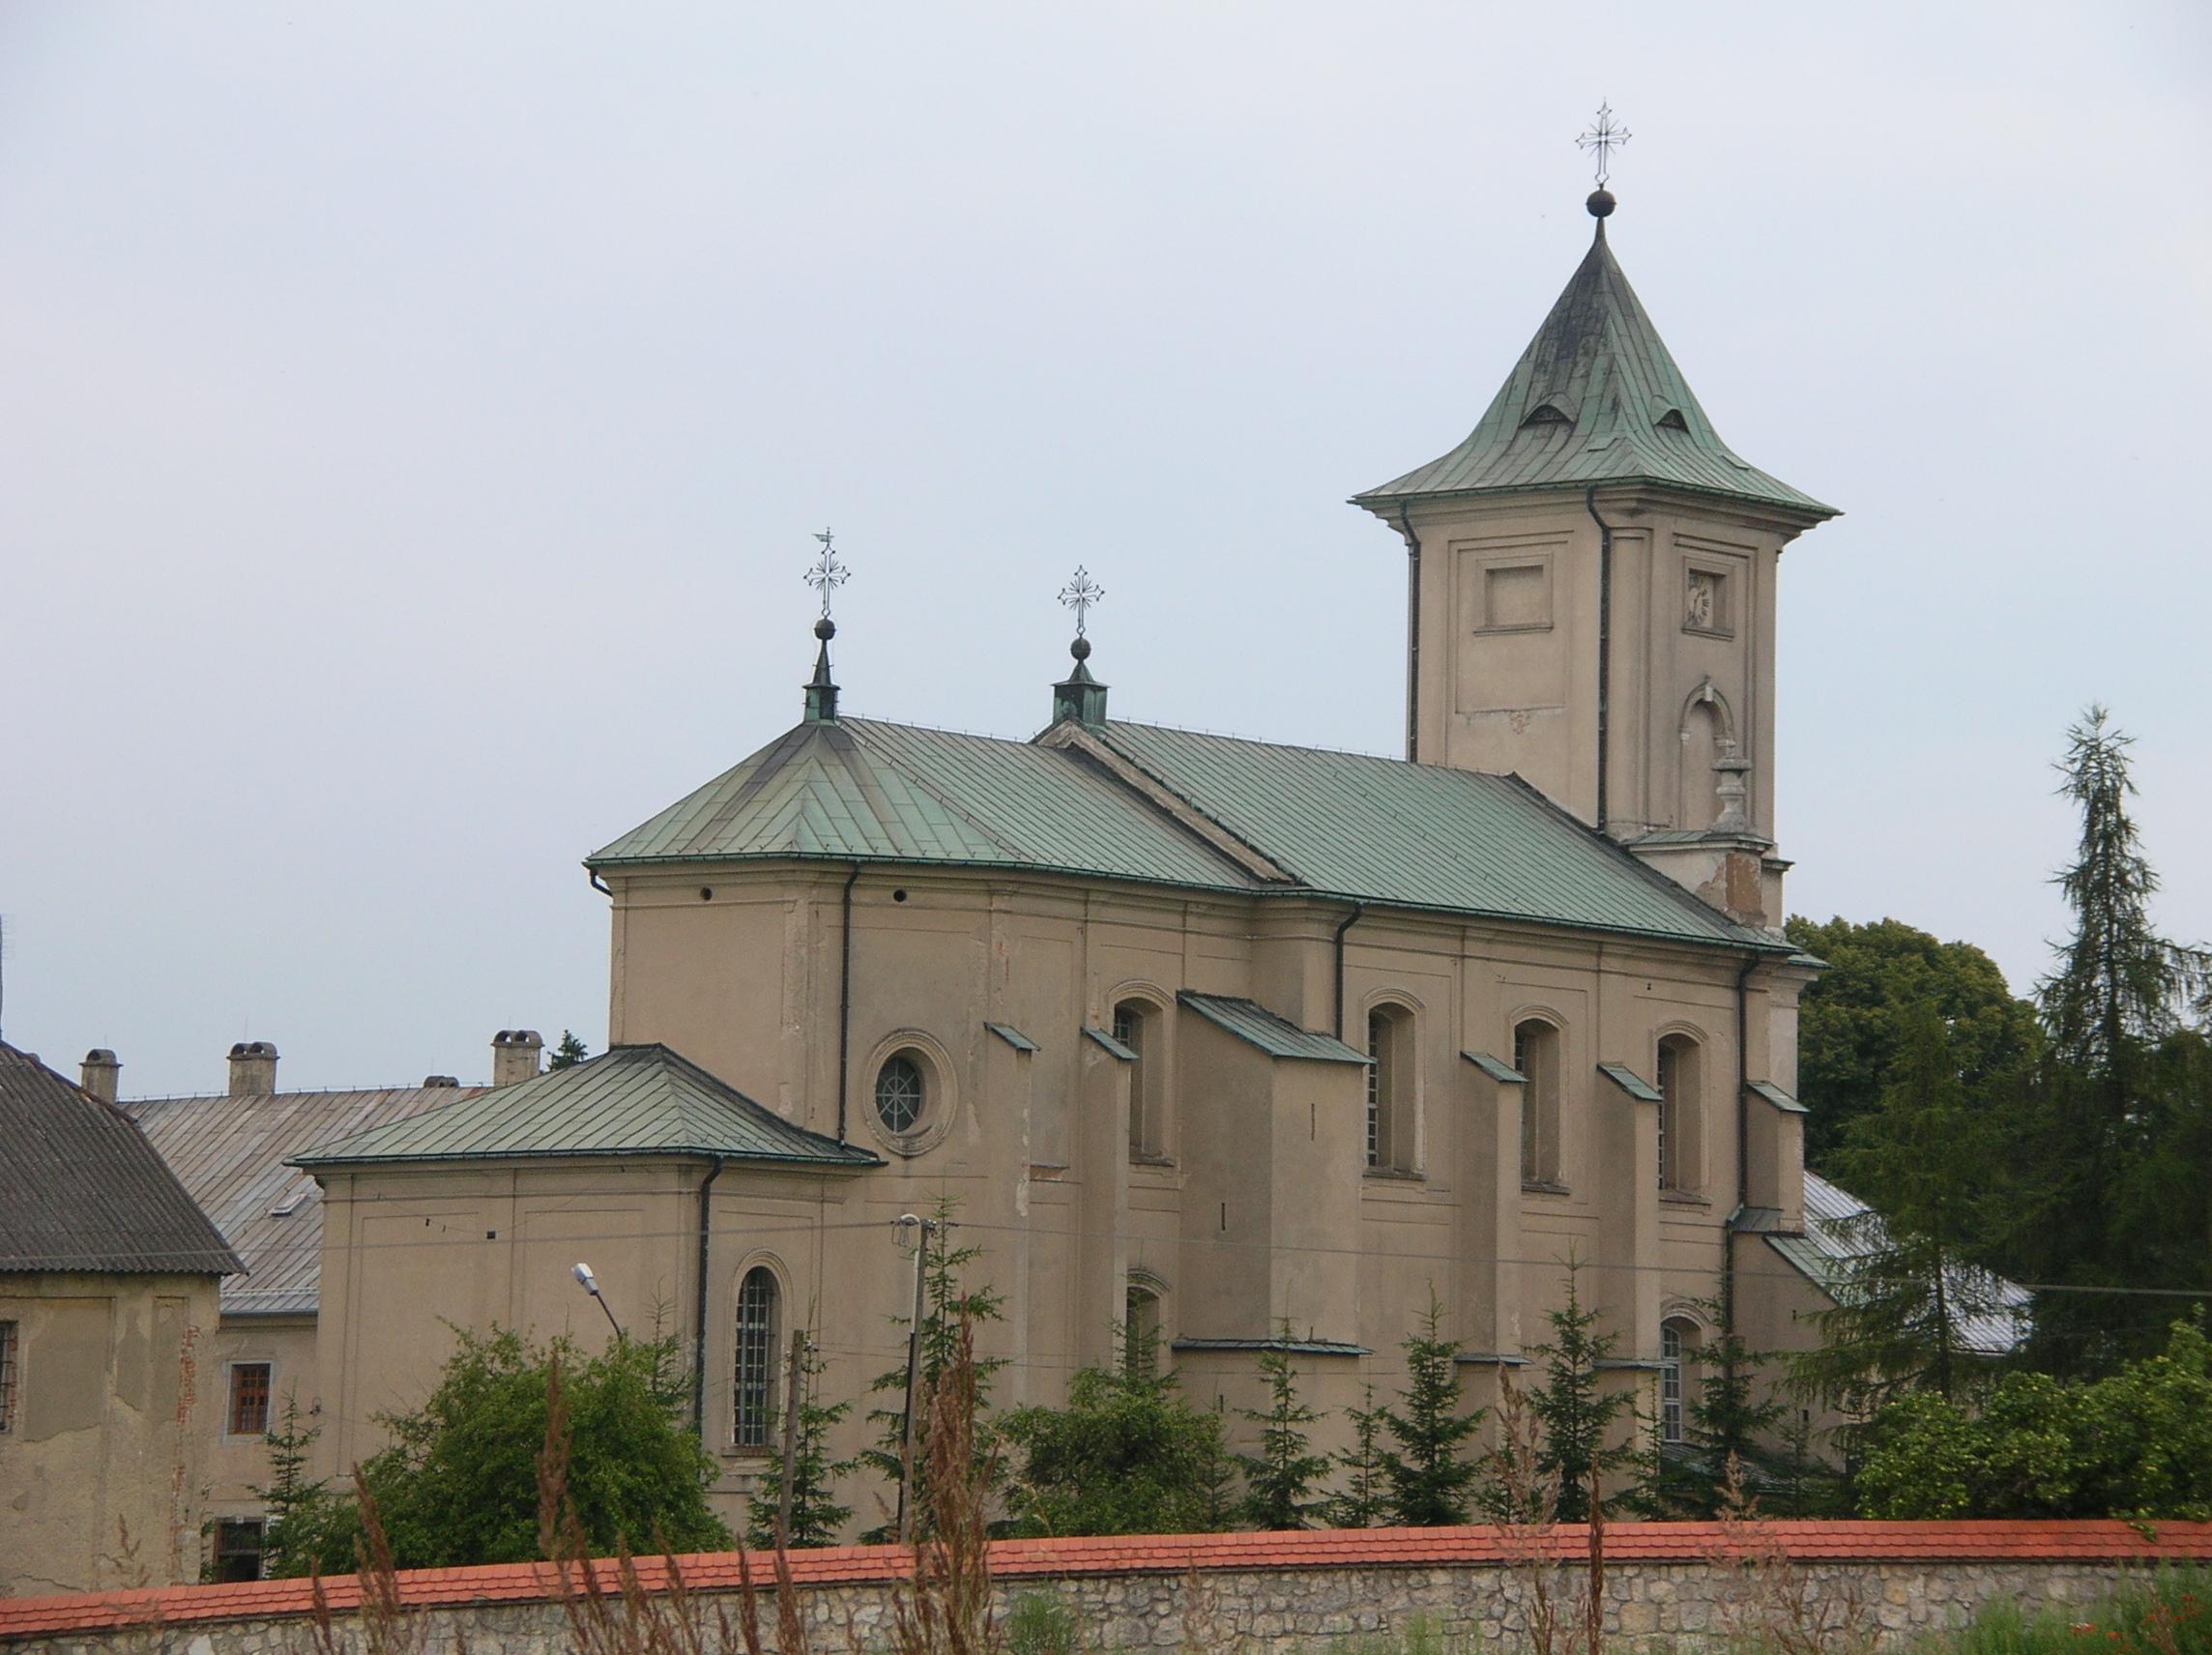 klasztor w imbramowicach perła nad dłubnią - grafika wpisu